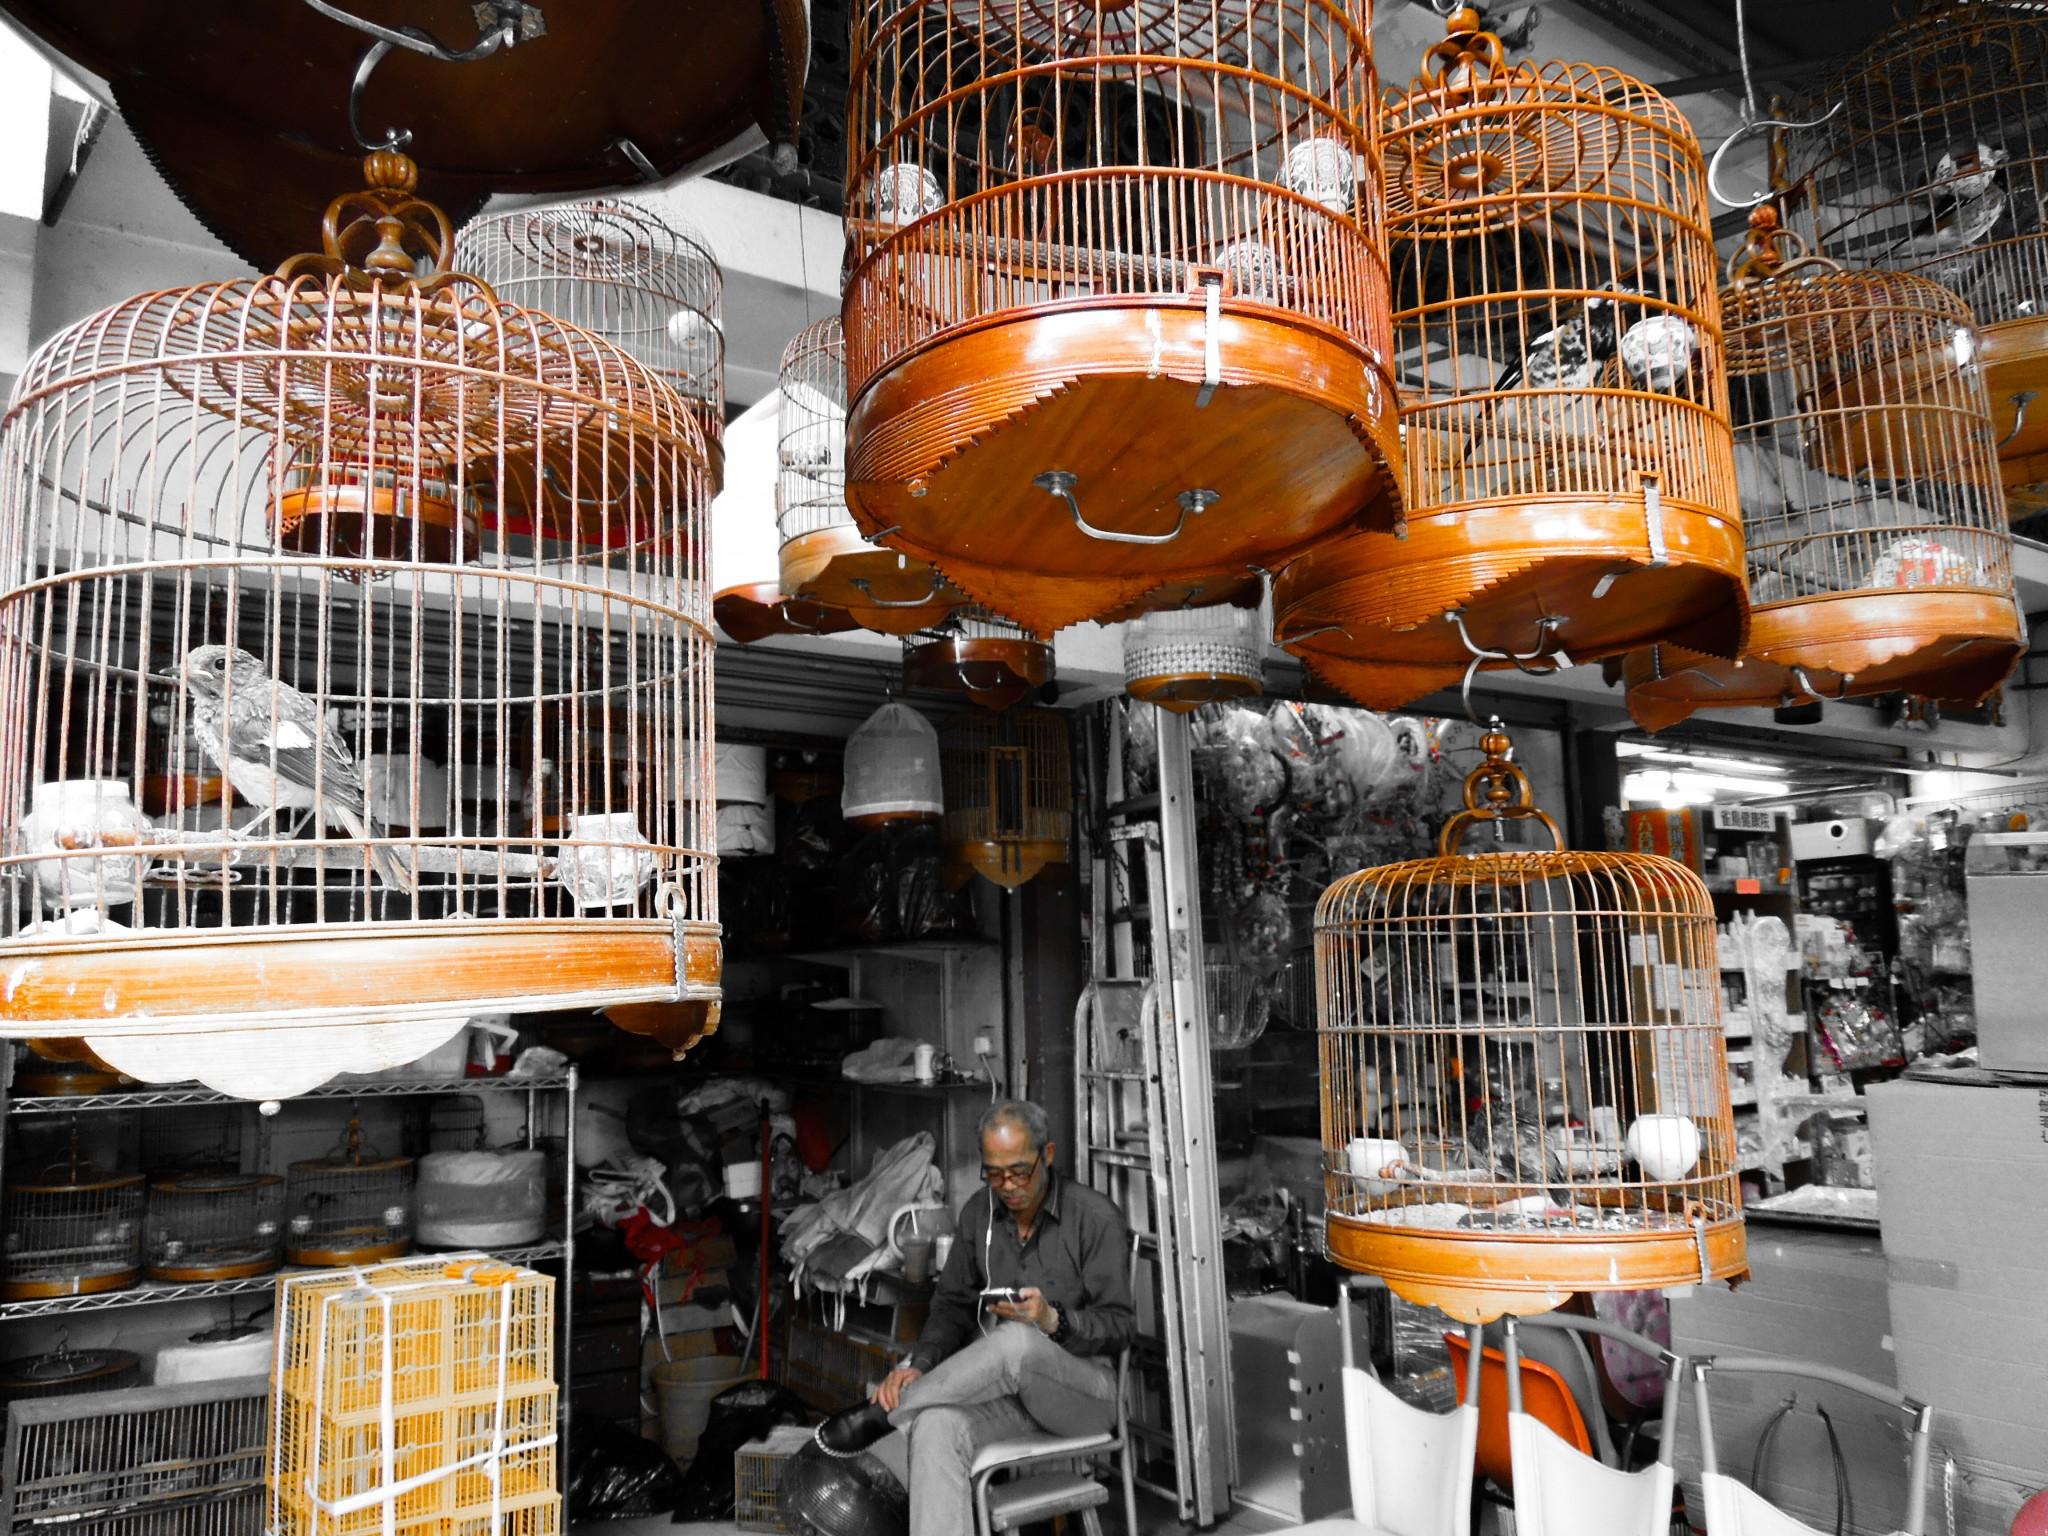 Bird market hongkong markkinat